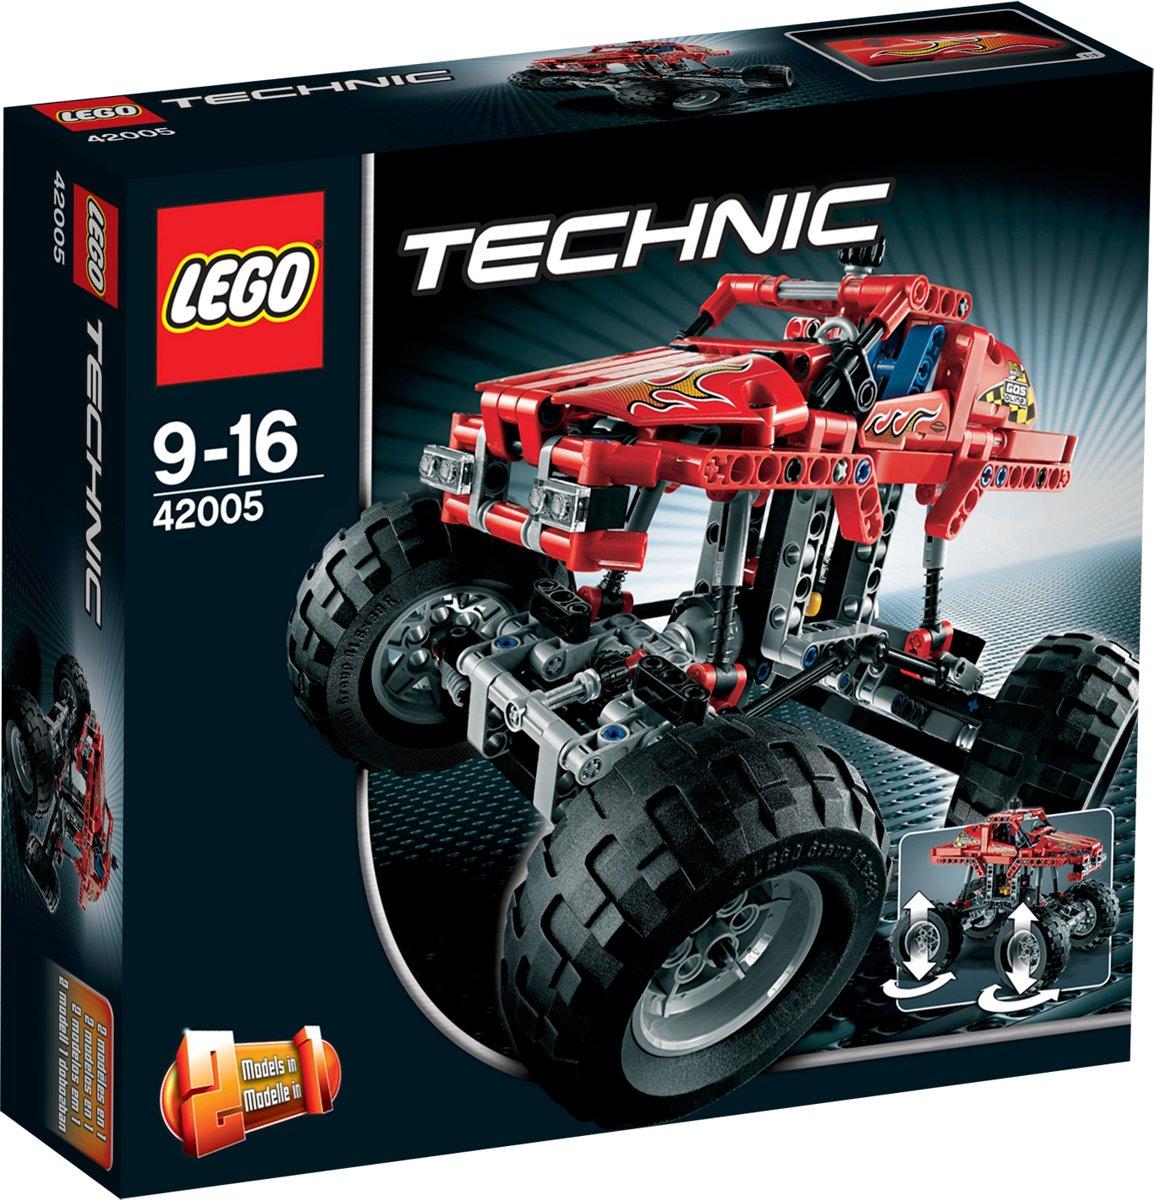 LEGO Technic Monster Truck - 42005